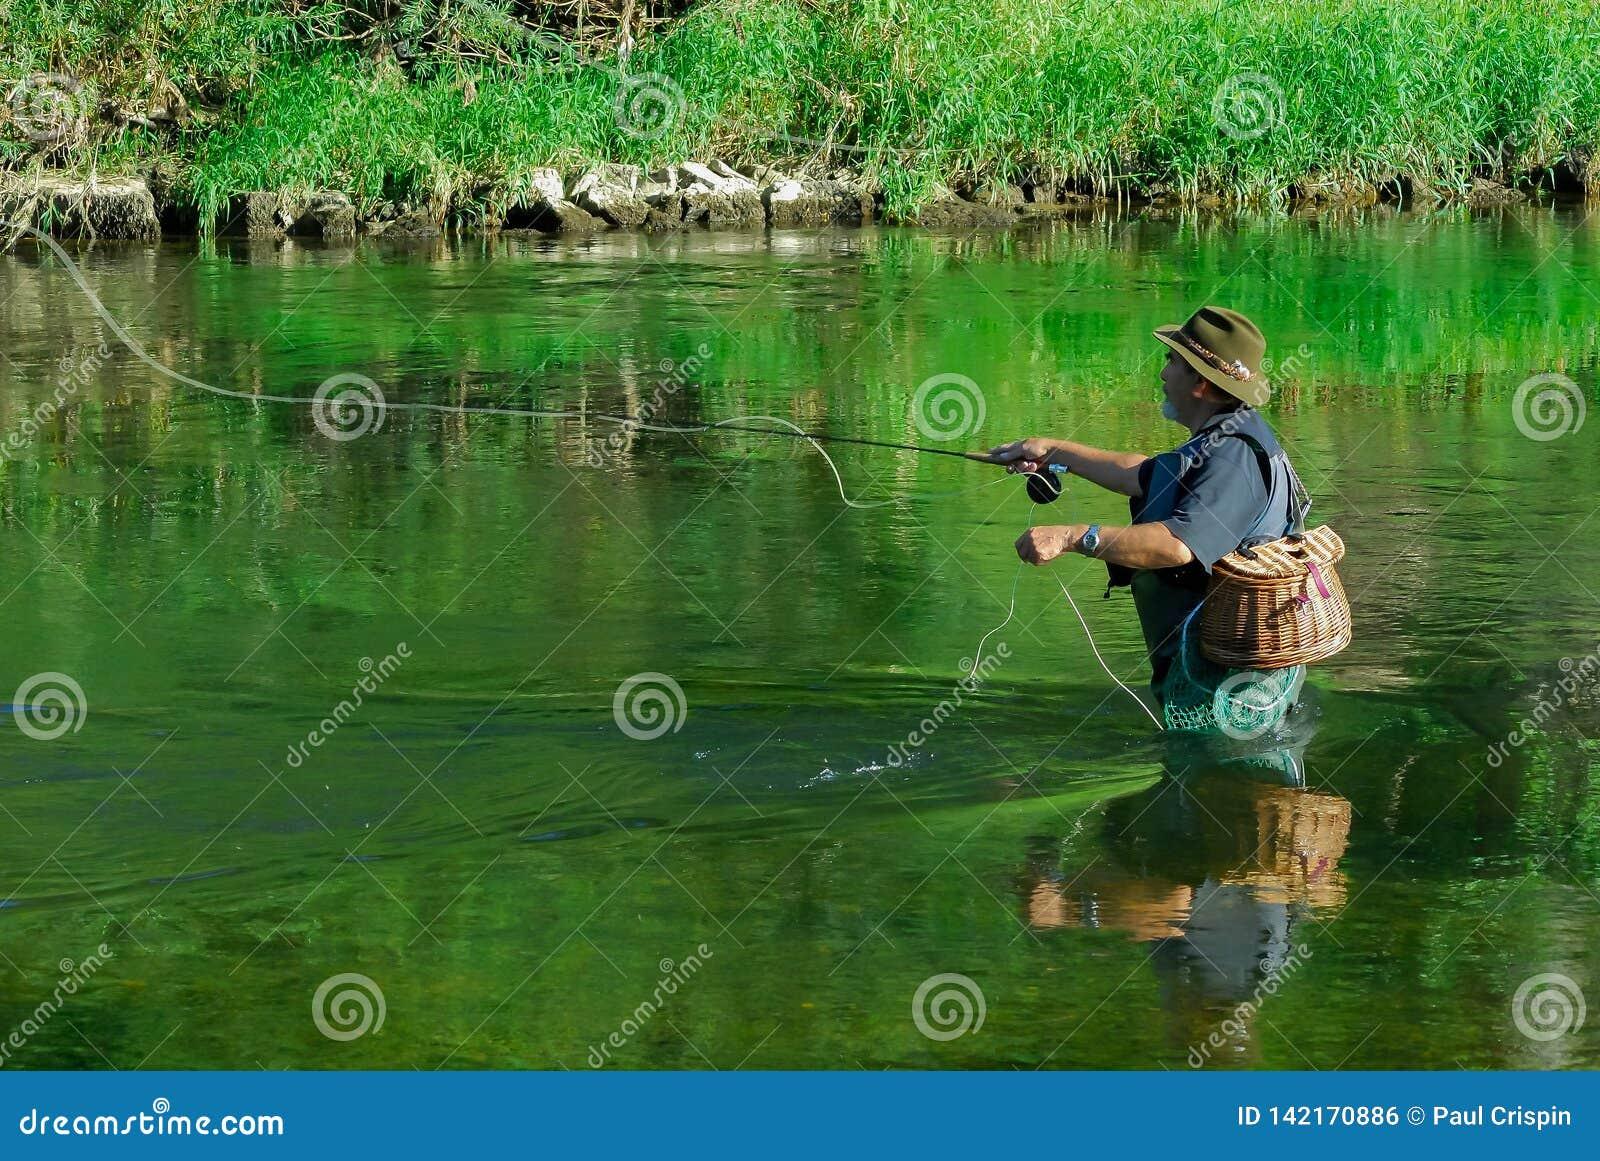 Fliegenfischer im Fluss nach Forelle